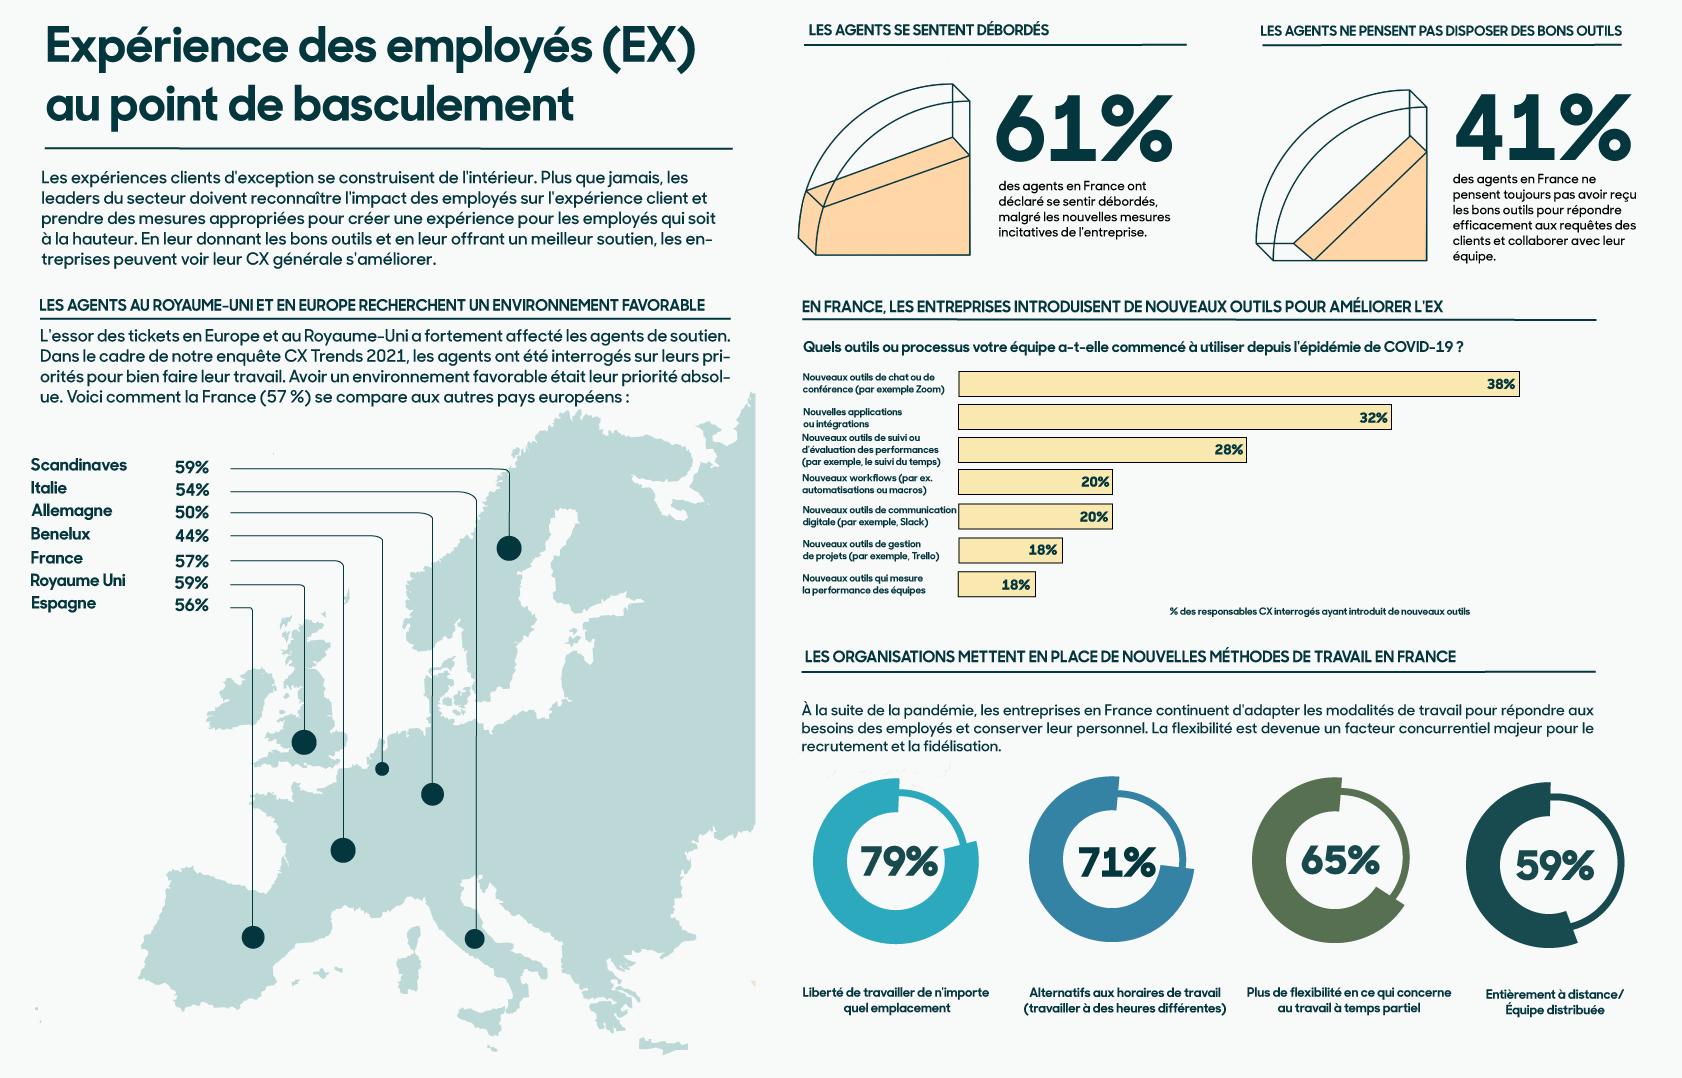 Infographie: Expérience des employés (EX) au point de basculement